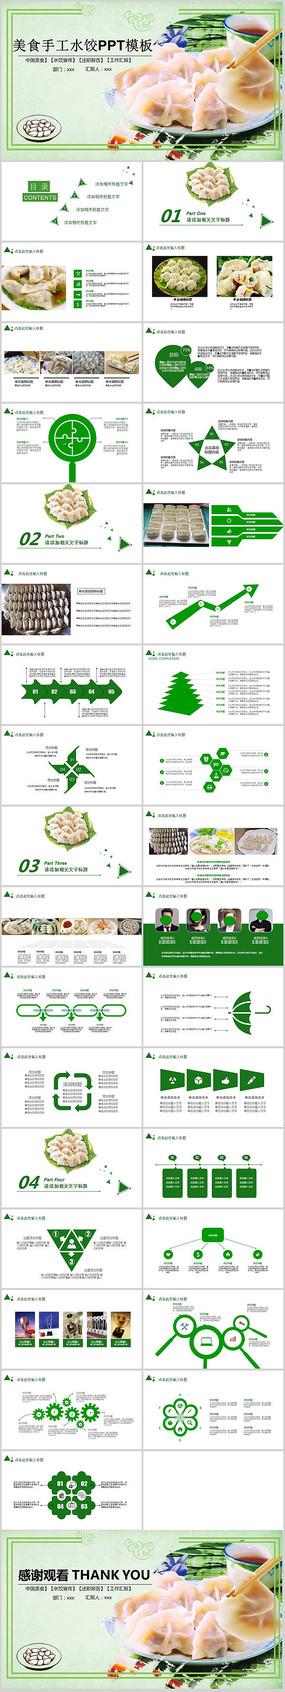 中国传统美食水饺ppt模板 pptx